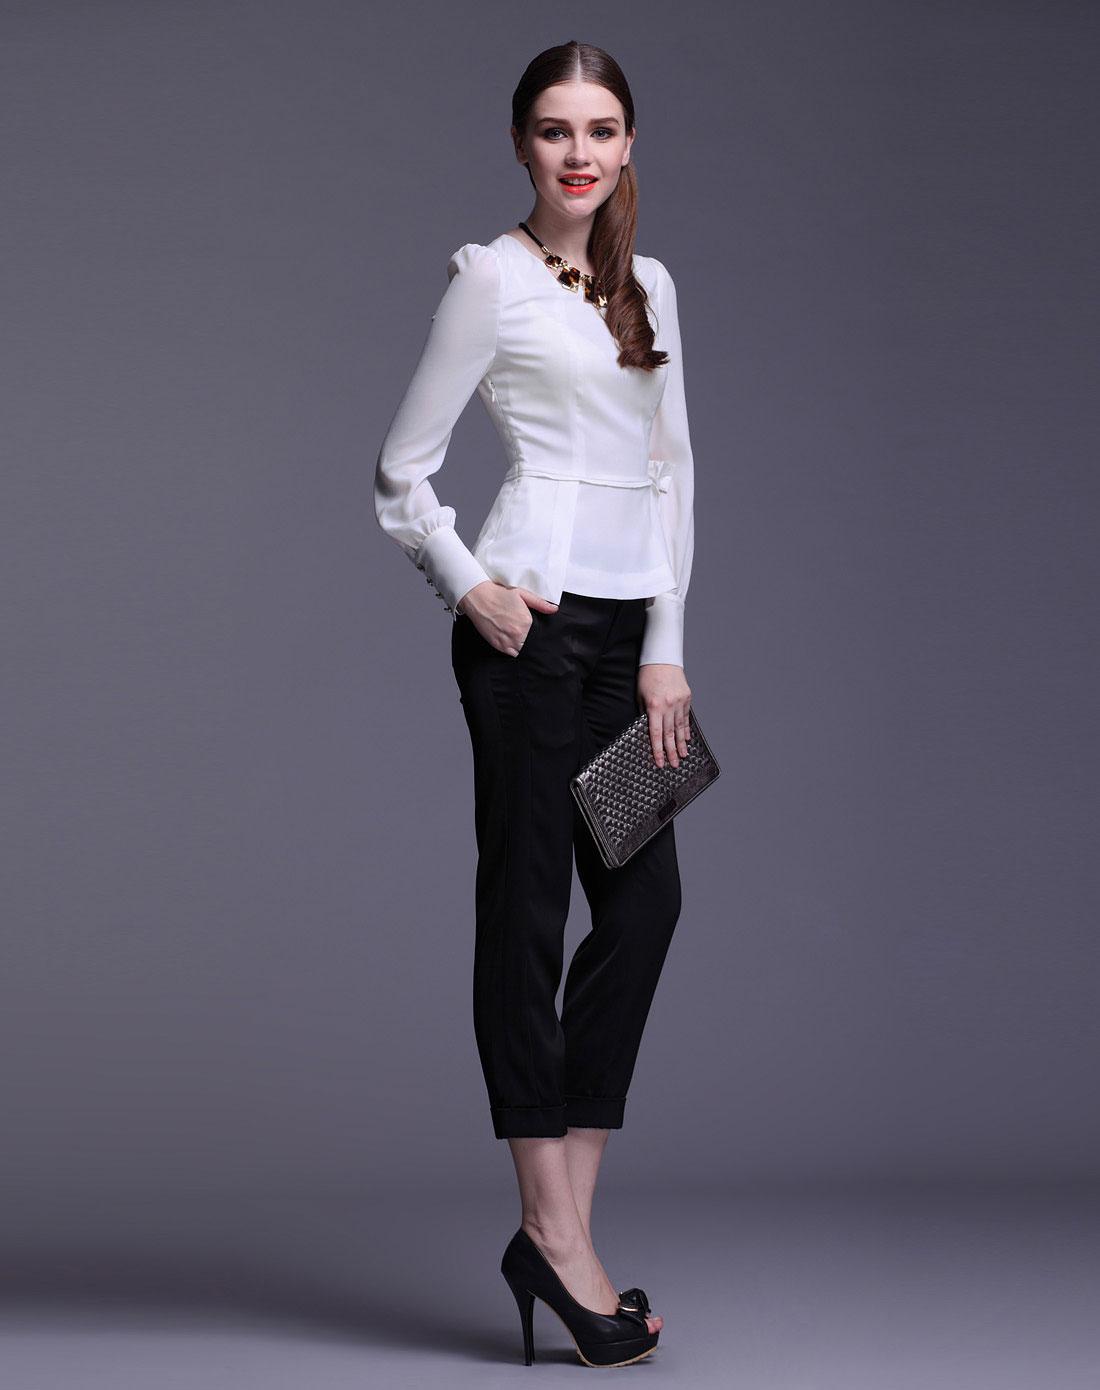 白衬衣配什么裤子女_女款黑色裤子